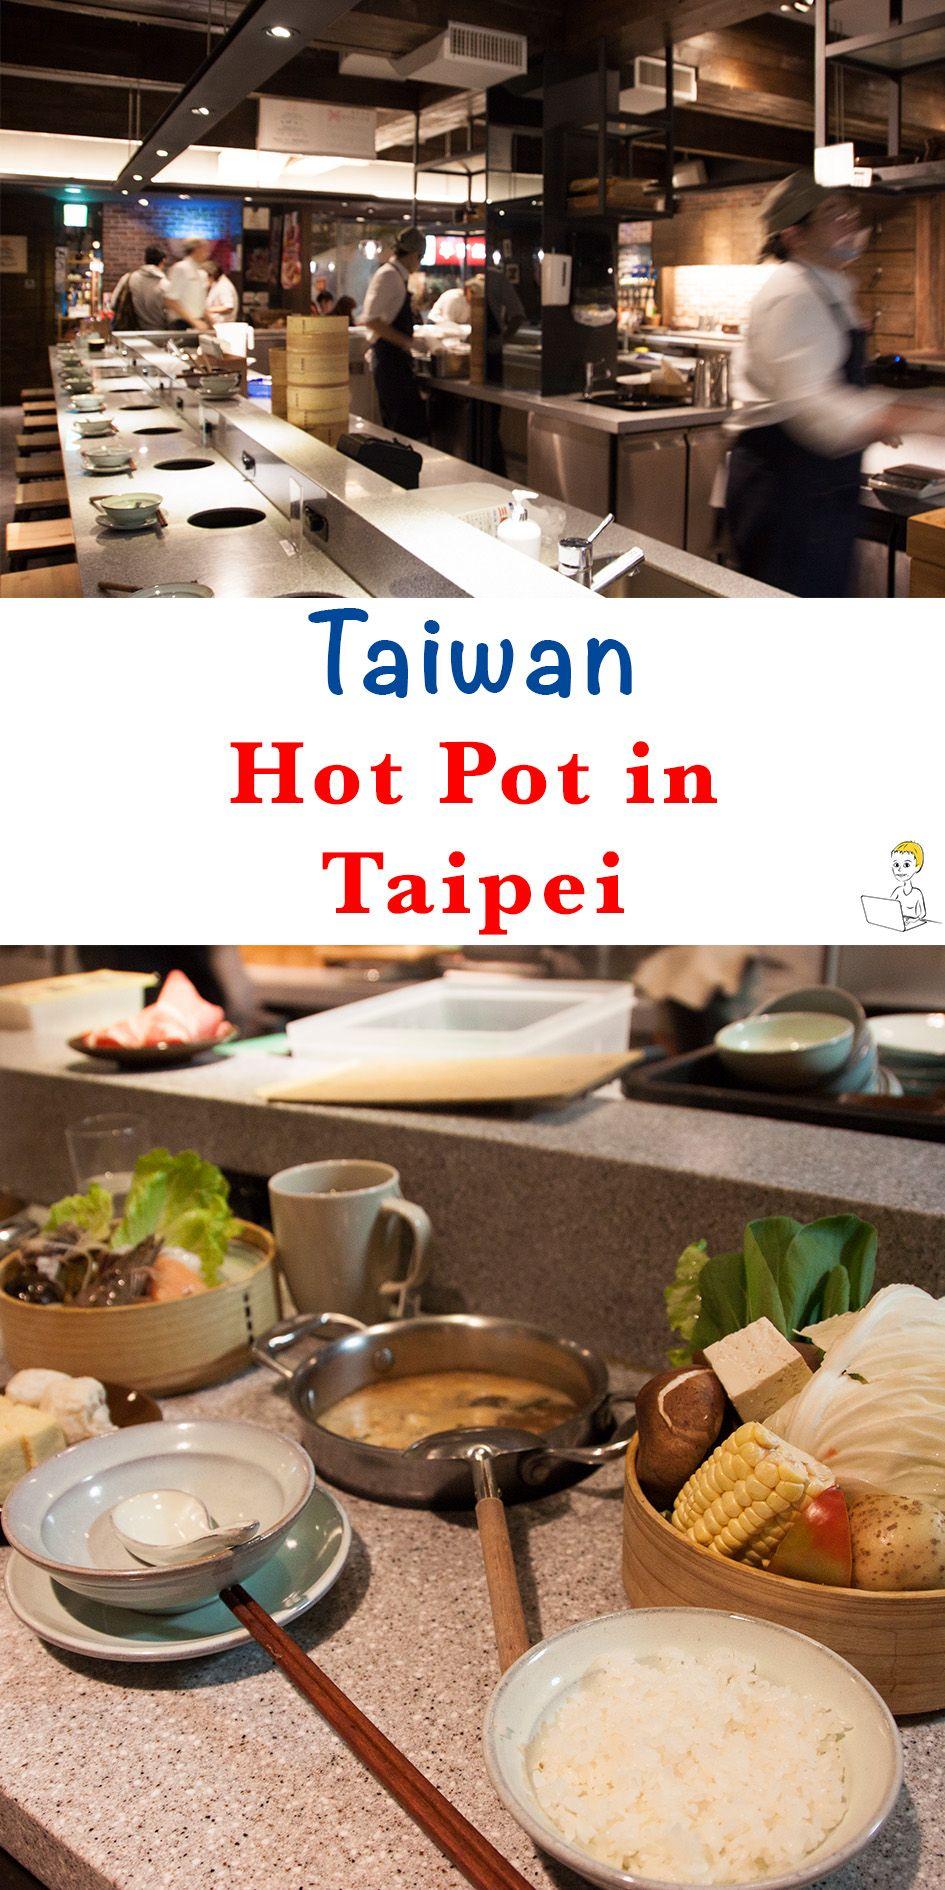 Ich liebe es, mich auf Reisen von exotischen Küchen inspirieren zu lassen. Dementsprechend findet man mich in den unterschiedlichsten Ländern vor allem auf den lokalen Märkten und in kleinen Restaurants. Auf meiner Reise nach Taiwan durfte ich eine kulinarische Neuheit erleben. In Taipei gingen wir Hot Pot essen. Was für ein Erlebnis! #taiwan #taipei #mamablogger #mamablog